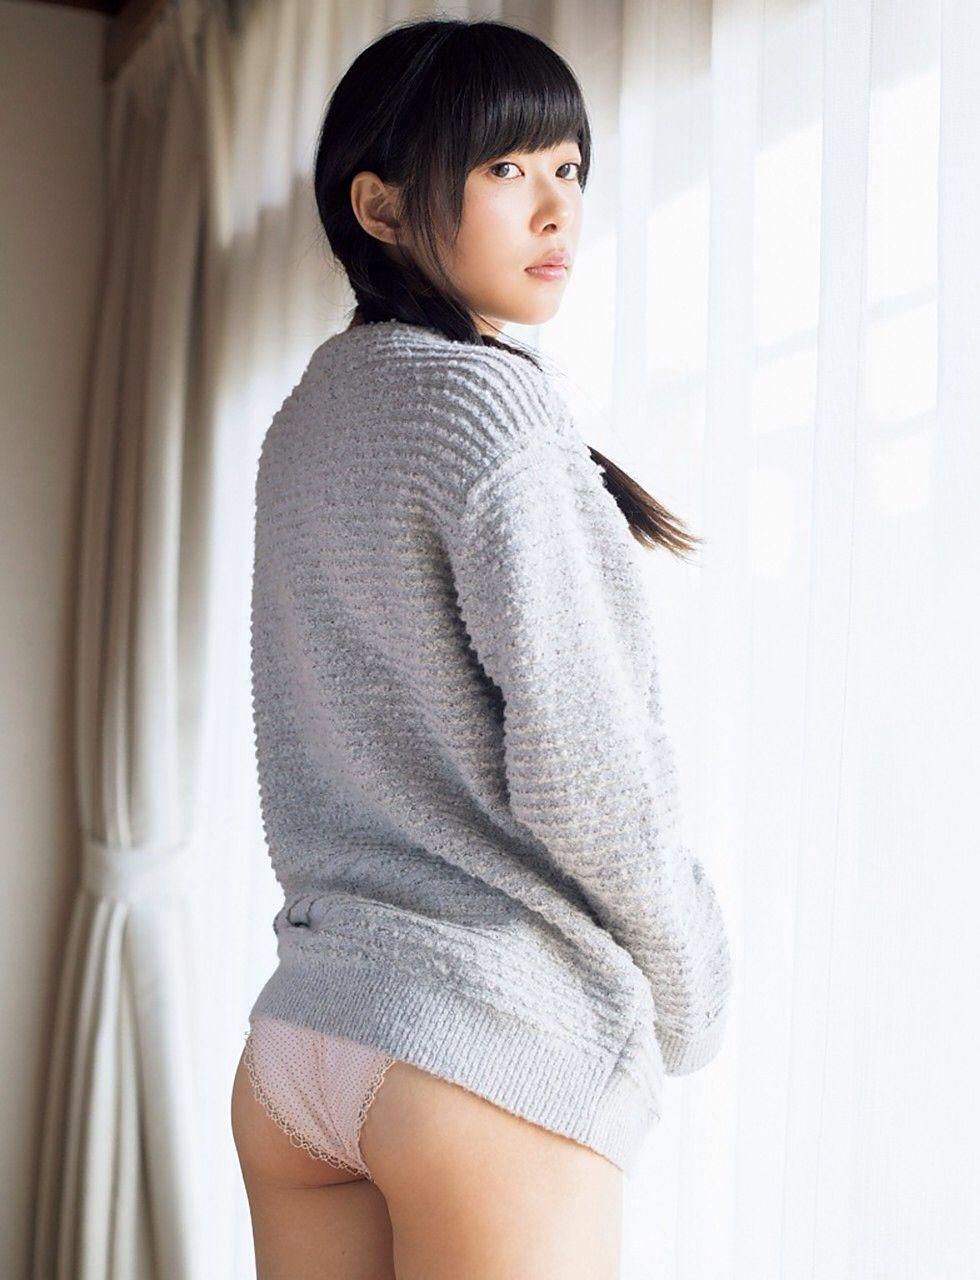 HKT48(AKB48)さっしーこと指原莉乃ちゃんのちっぱいプリケツ美脚の良さを確認できるグラビア画像【30枚】02_2016010204040981d.jpg